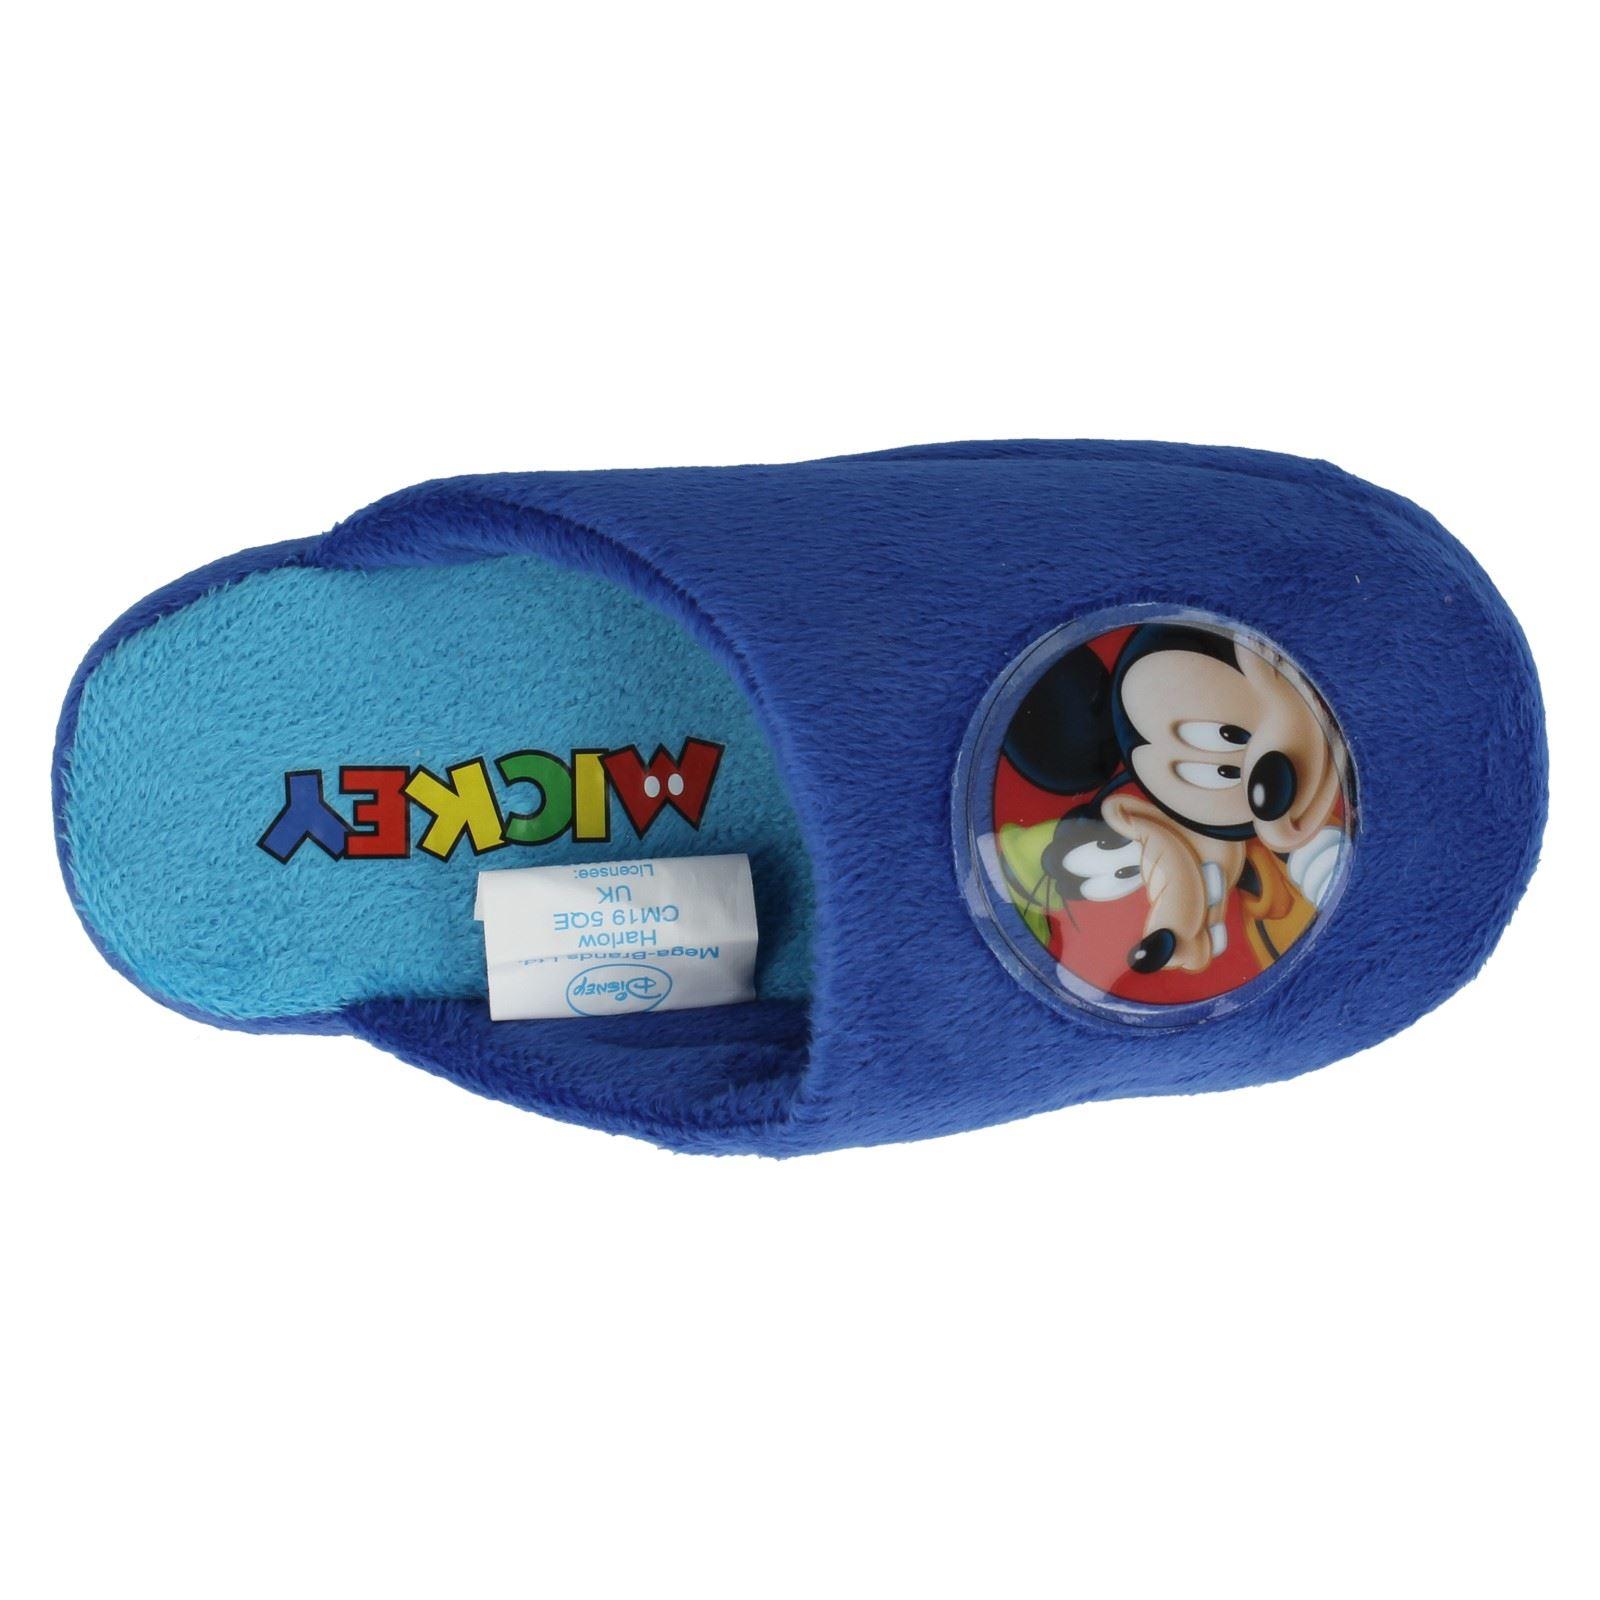 Niños Disney Mickey Mouse Zapatillas wd8124